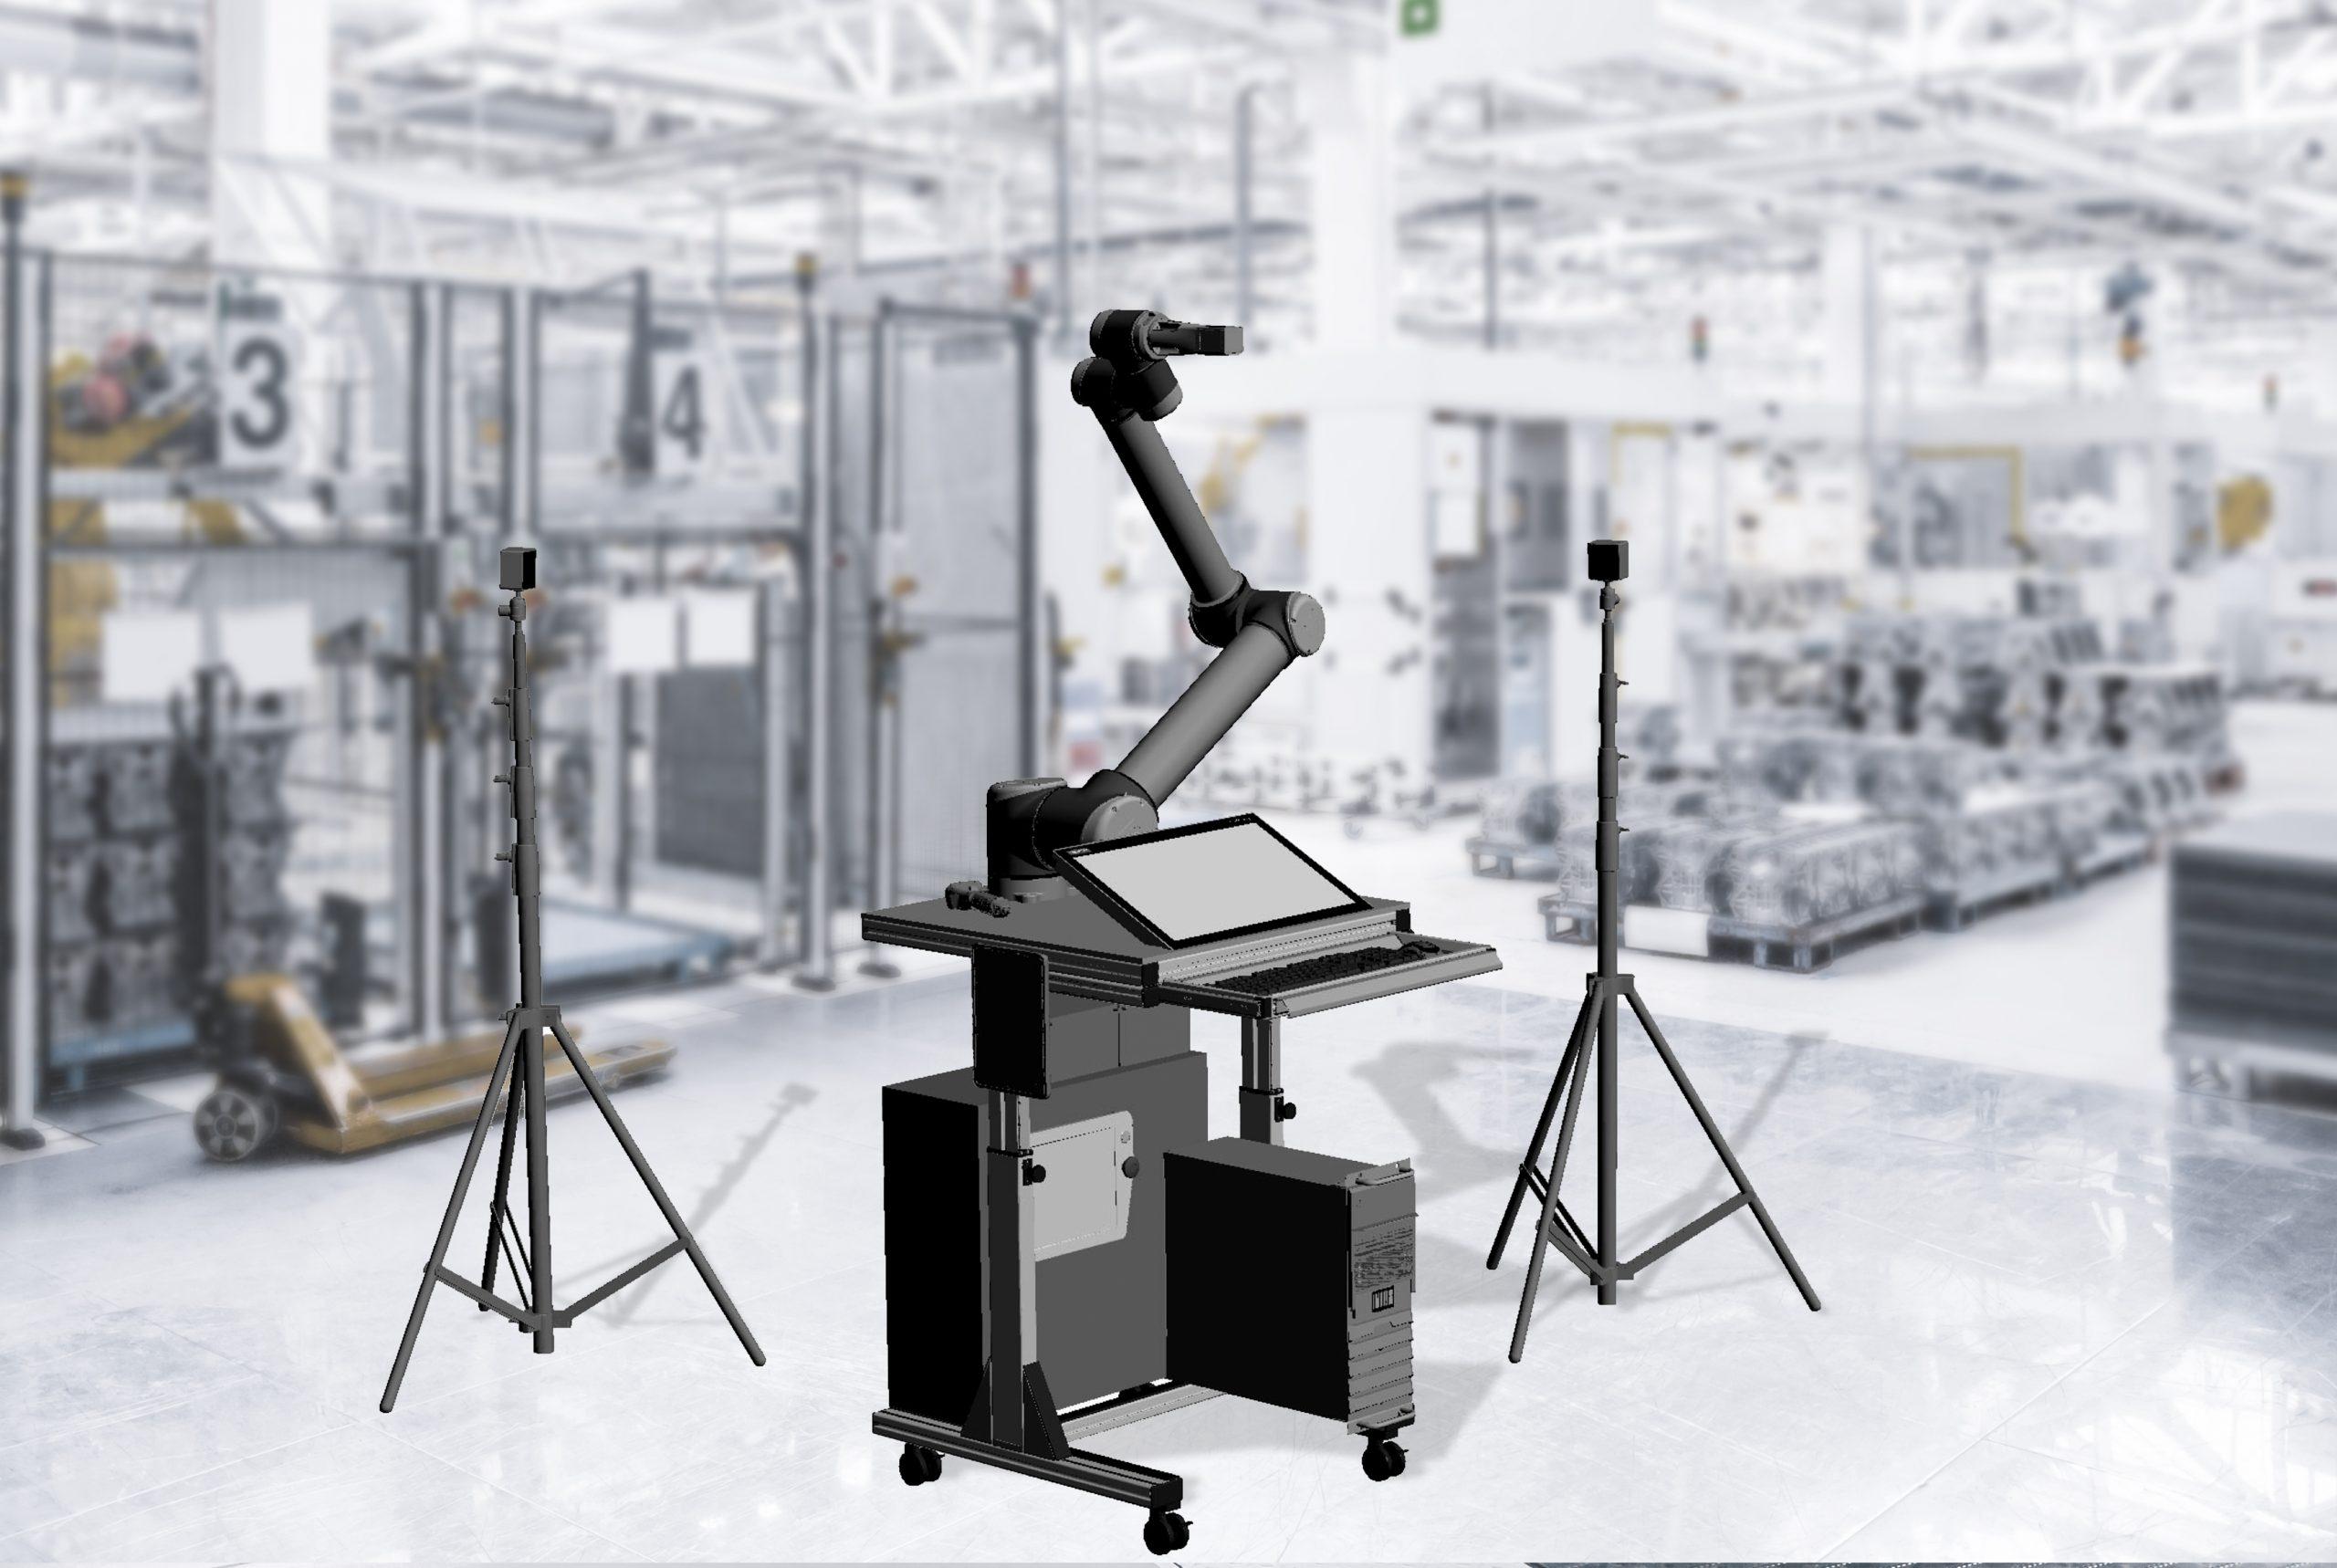 Konstruktionszeichnung des 'RoboSpector' (Bild: Robotron Datenbank-Software GmbH & Wandelbots GmbH)